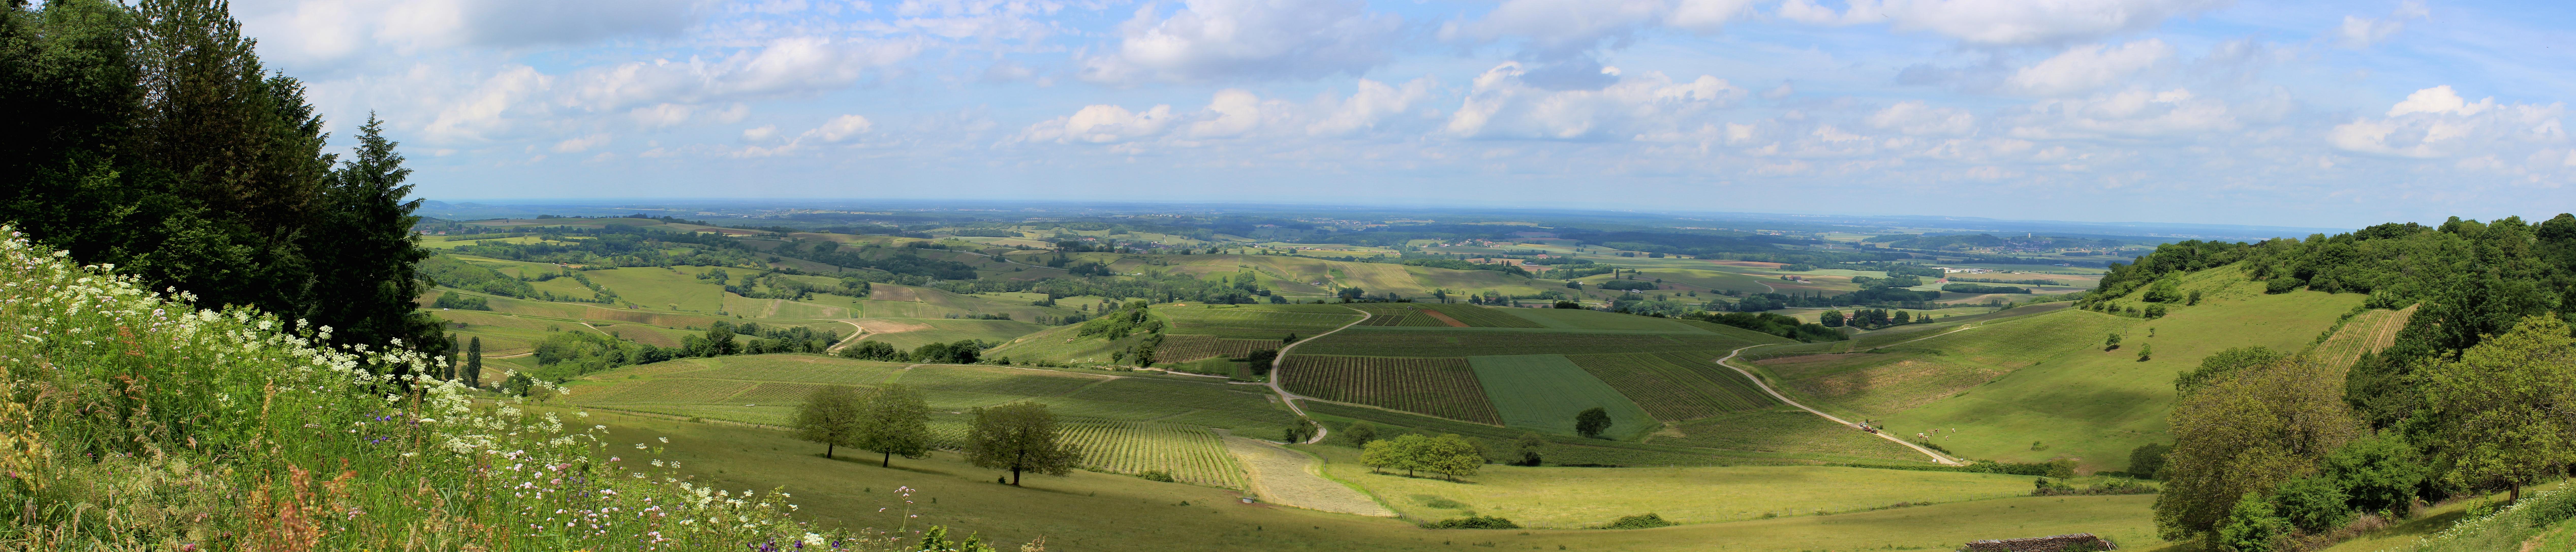 Vue panoramique du vignoble et de la plaine jurassienne depuis le belvédère de Pupillin.